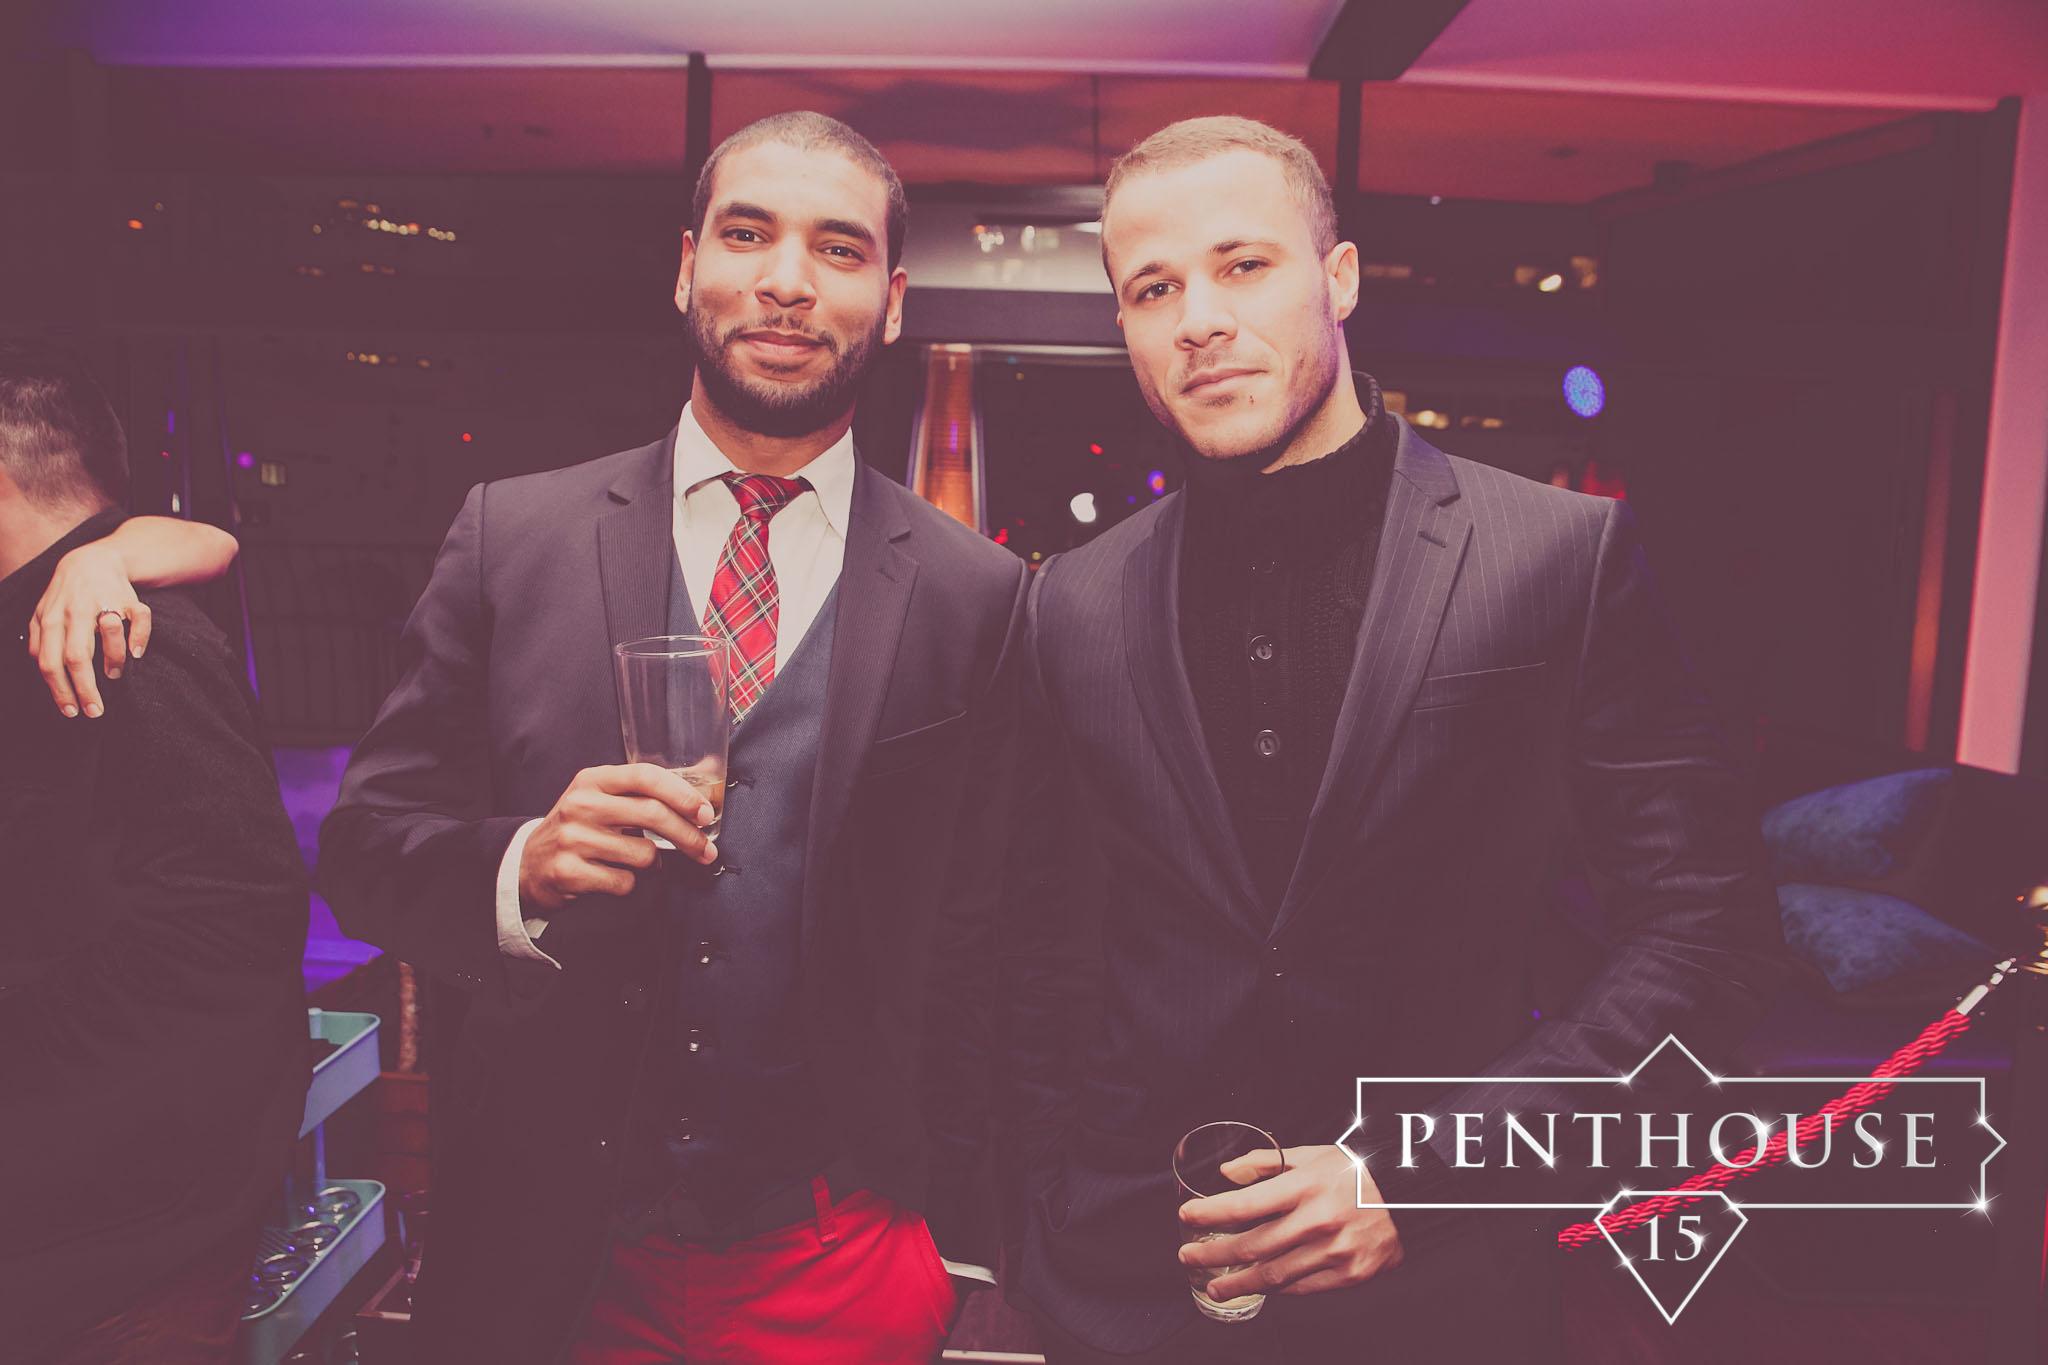 Penthouse_cream_0058.jpg